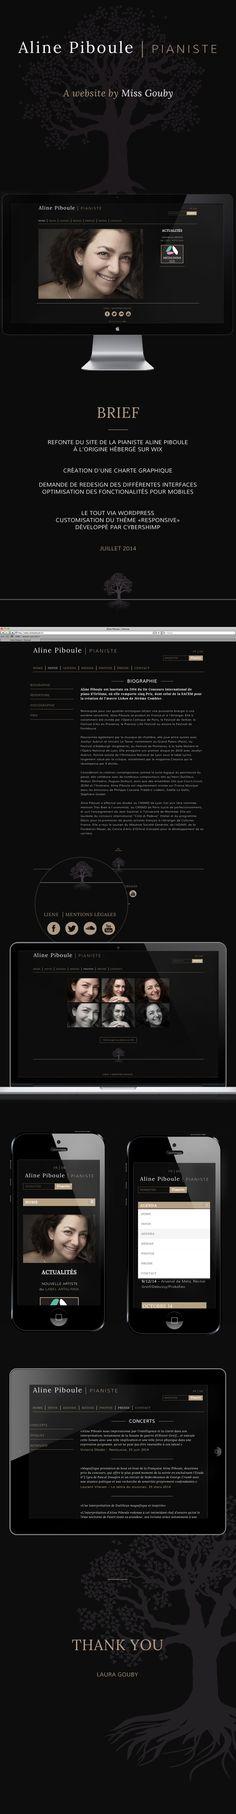 www.alinepiboule.com #webdesign